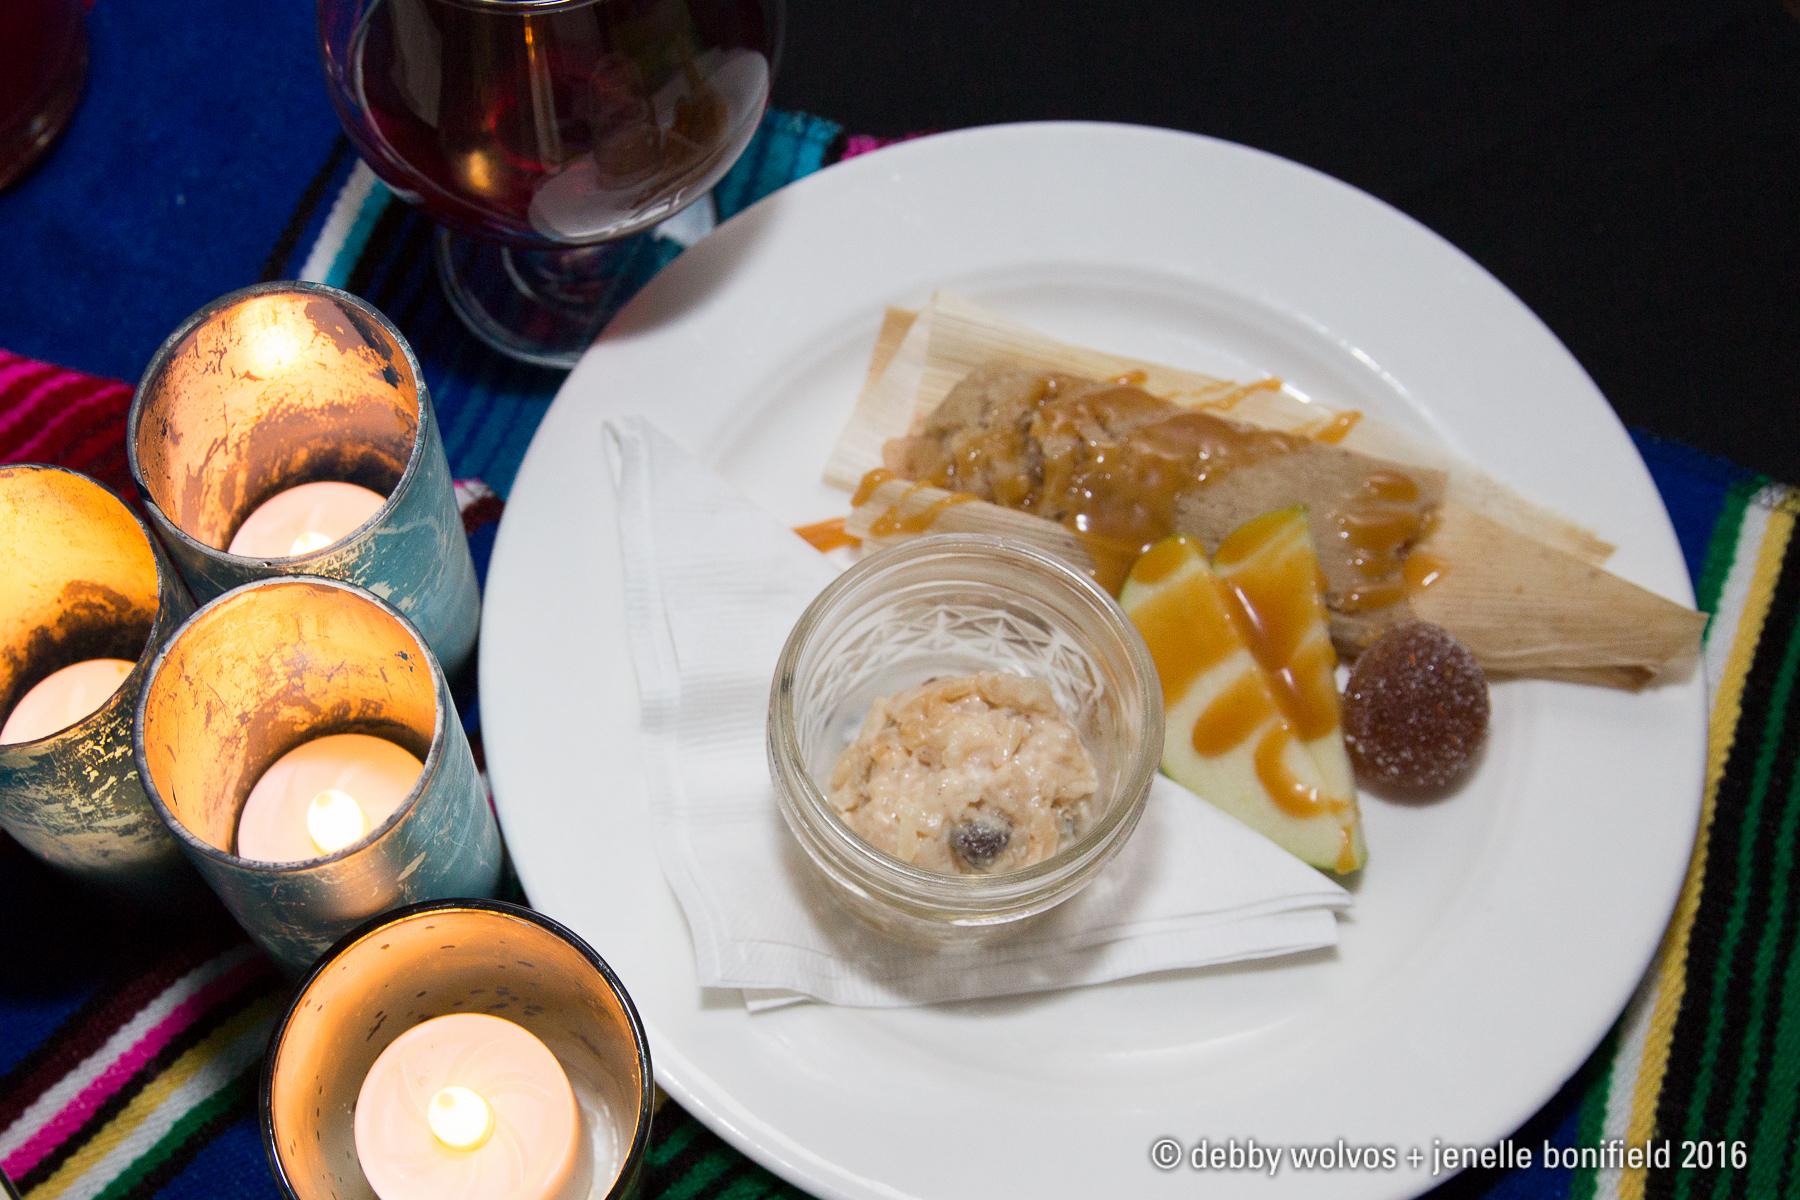 Tucson 23 dessert